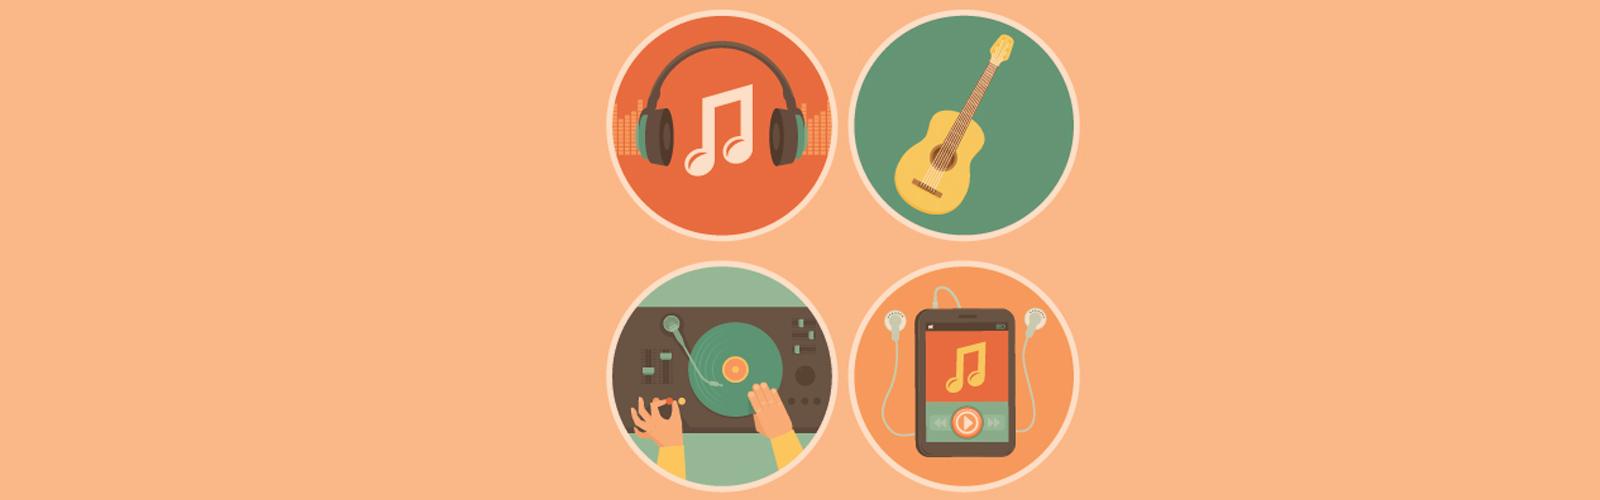 Todo lo que necesitas saber sobre vender música online